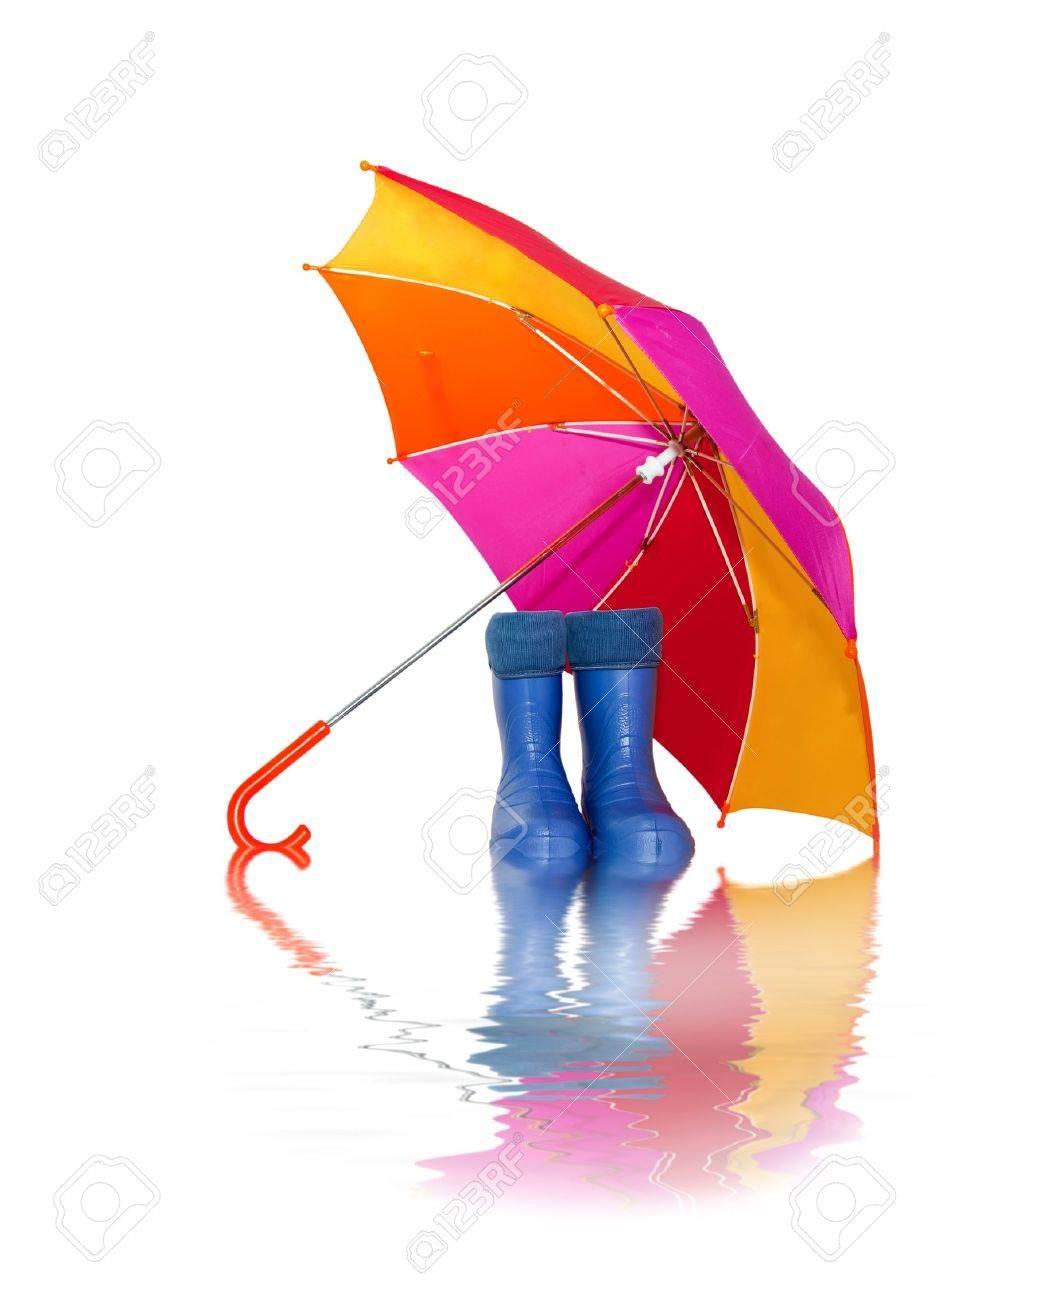 banque dimages bottes en caoutchouc et un parapluie color avec la rflexion dans leau - Parapluie Color